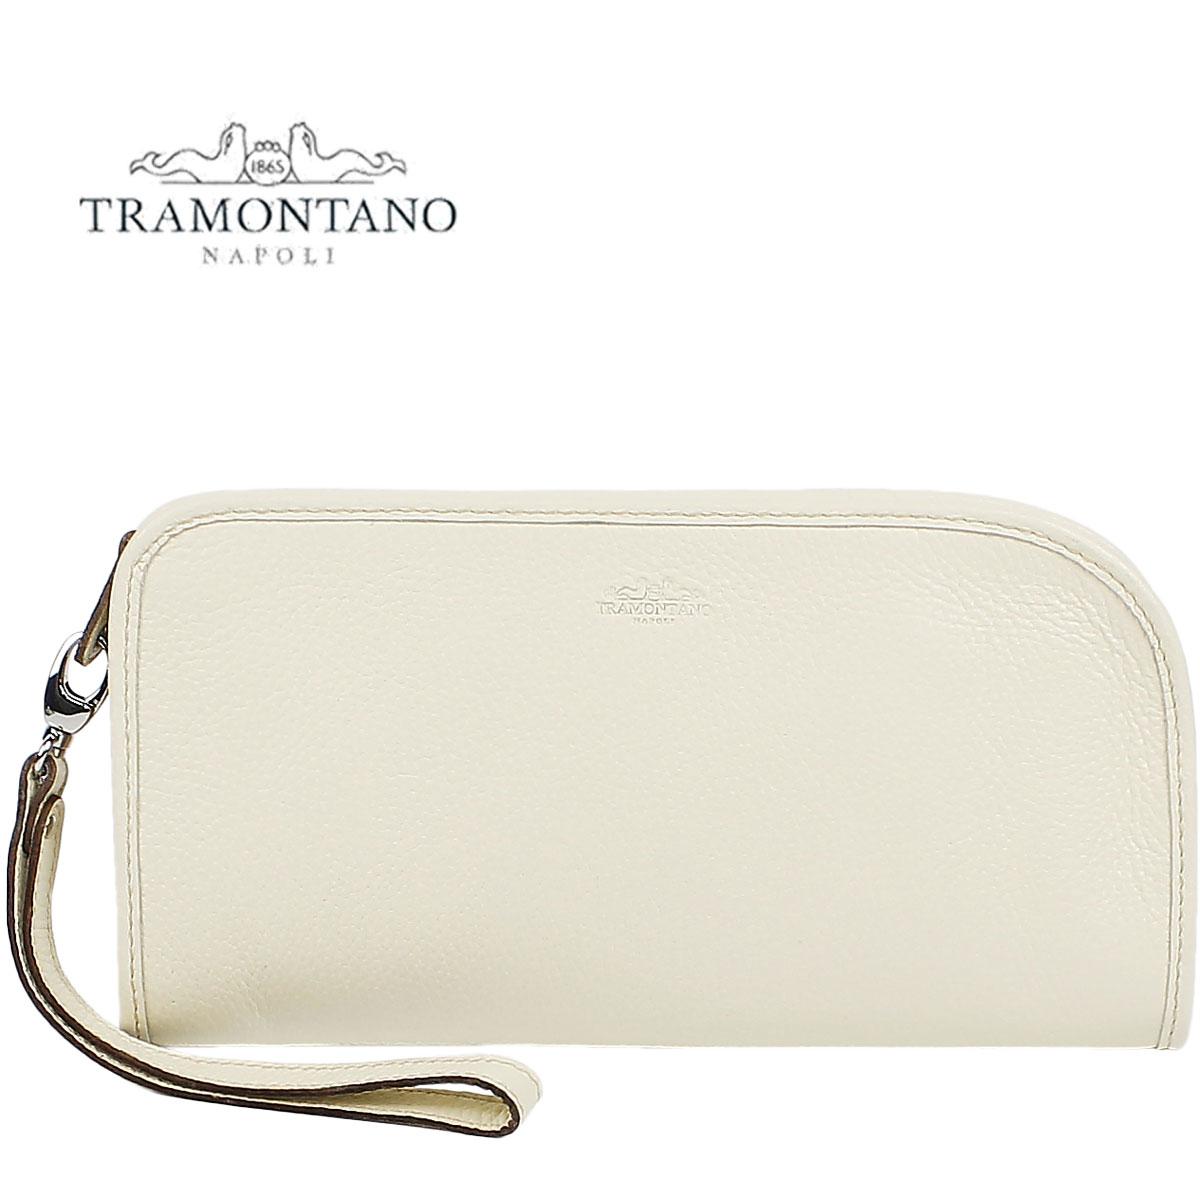 TRAMONTANO トラモンターノ メンズ カーフレザー ストラップ付 クラッチバッグ 1450 ALCE (アイボリー)